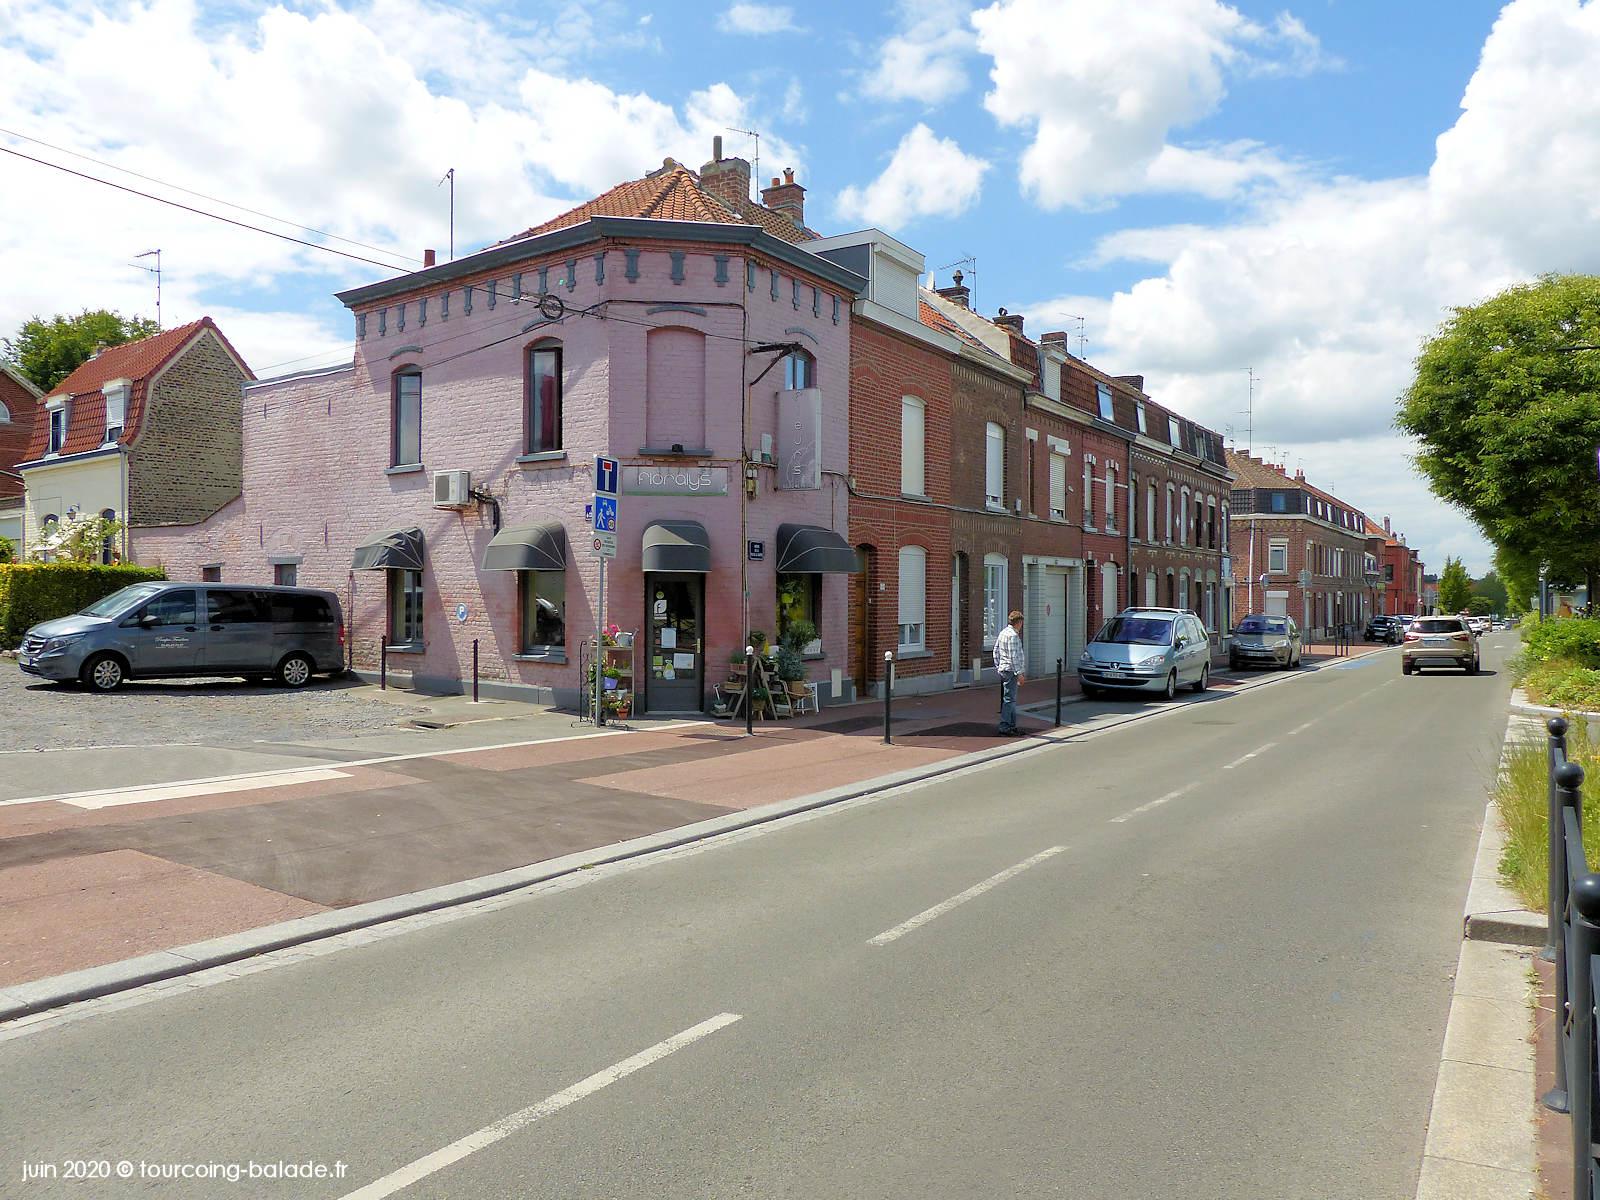 Avenue de la Fin de la Guerre, Floralys, Tourcoing